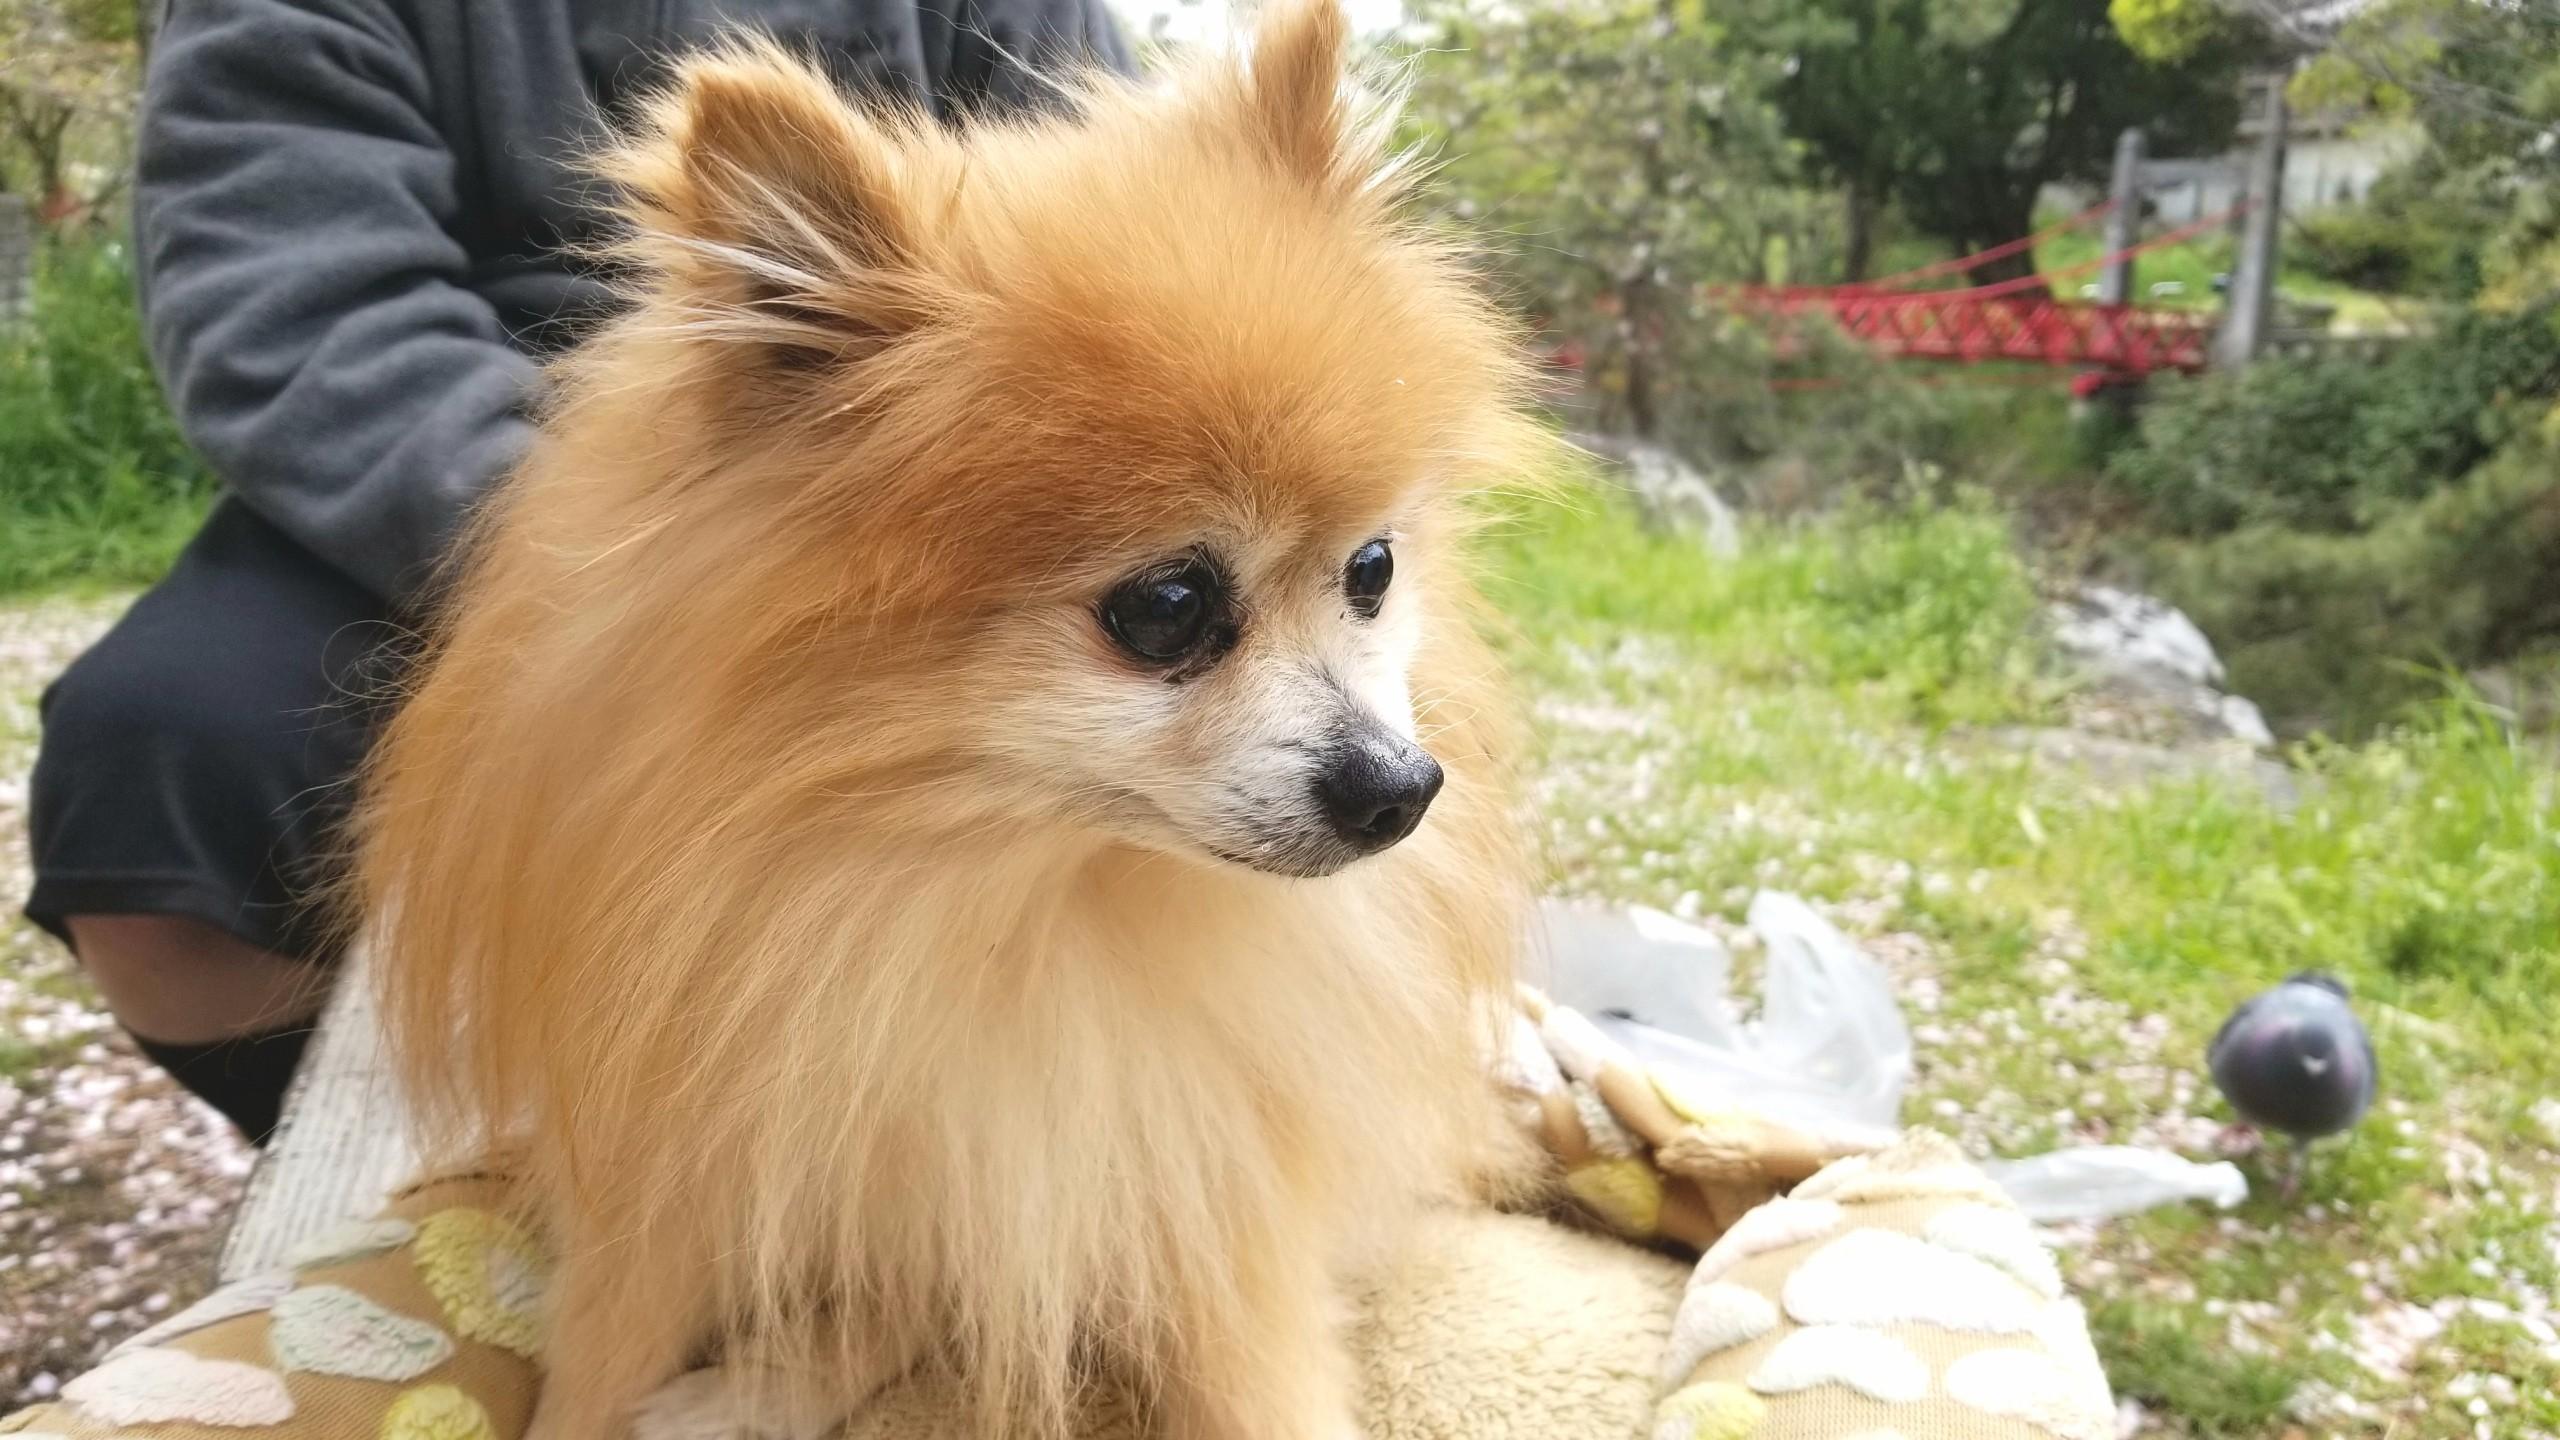 病気のペット愛犬世界一かわいいポメラニアンぬいぐるみみたい